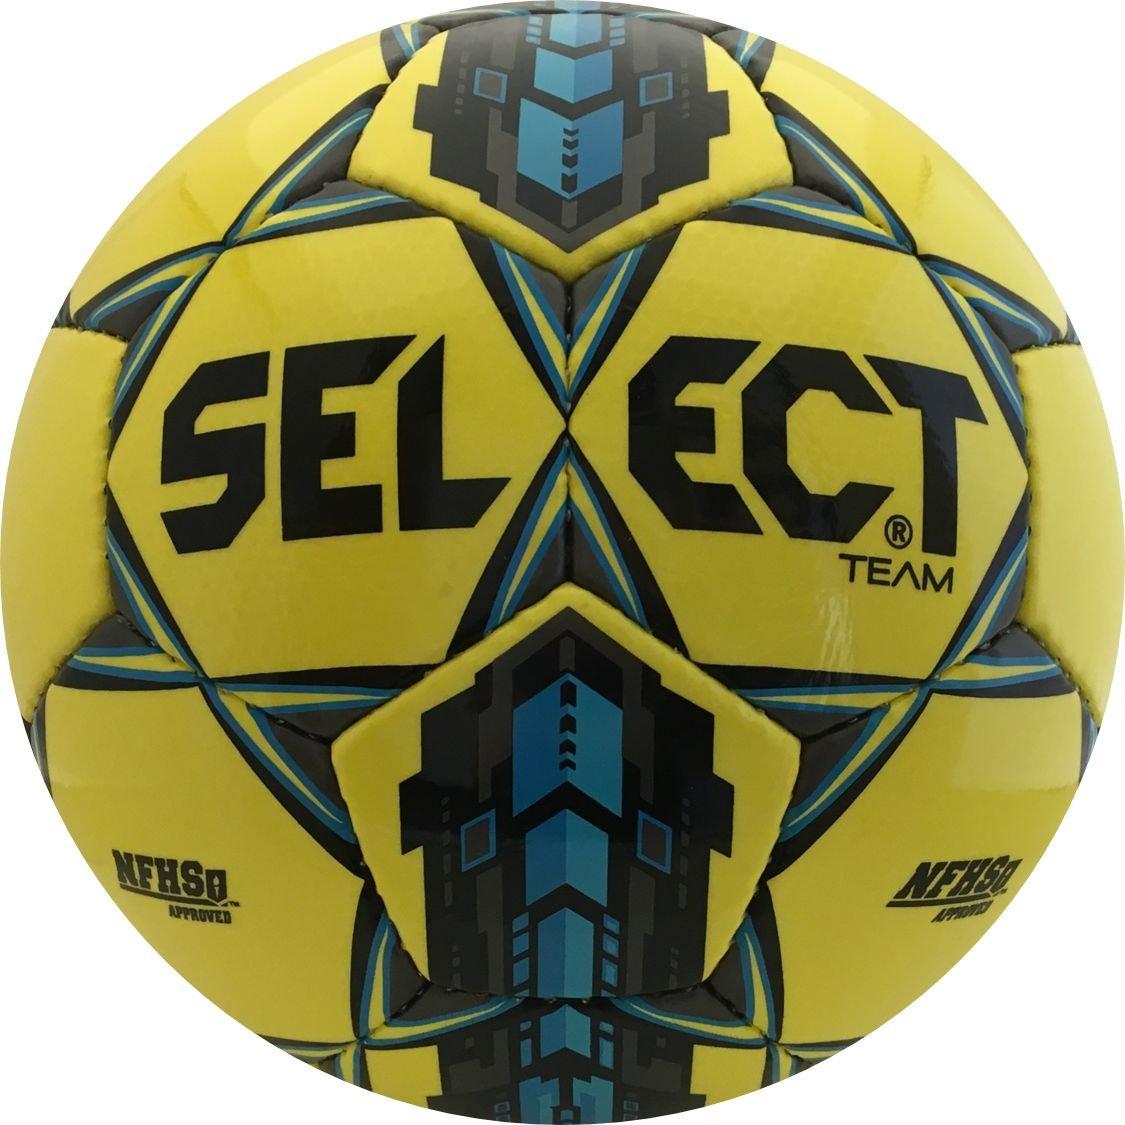 選択チームサッカーボール B0199RZI42イエロー/ブルー 5